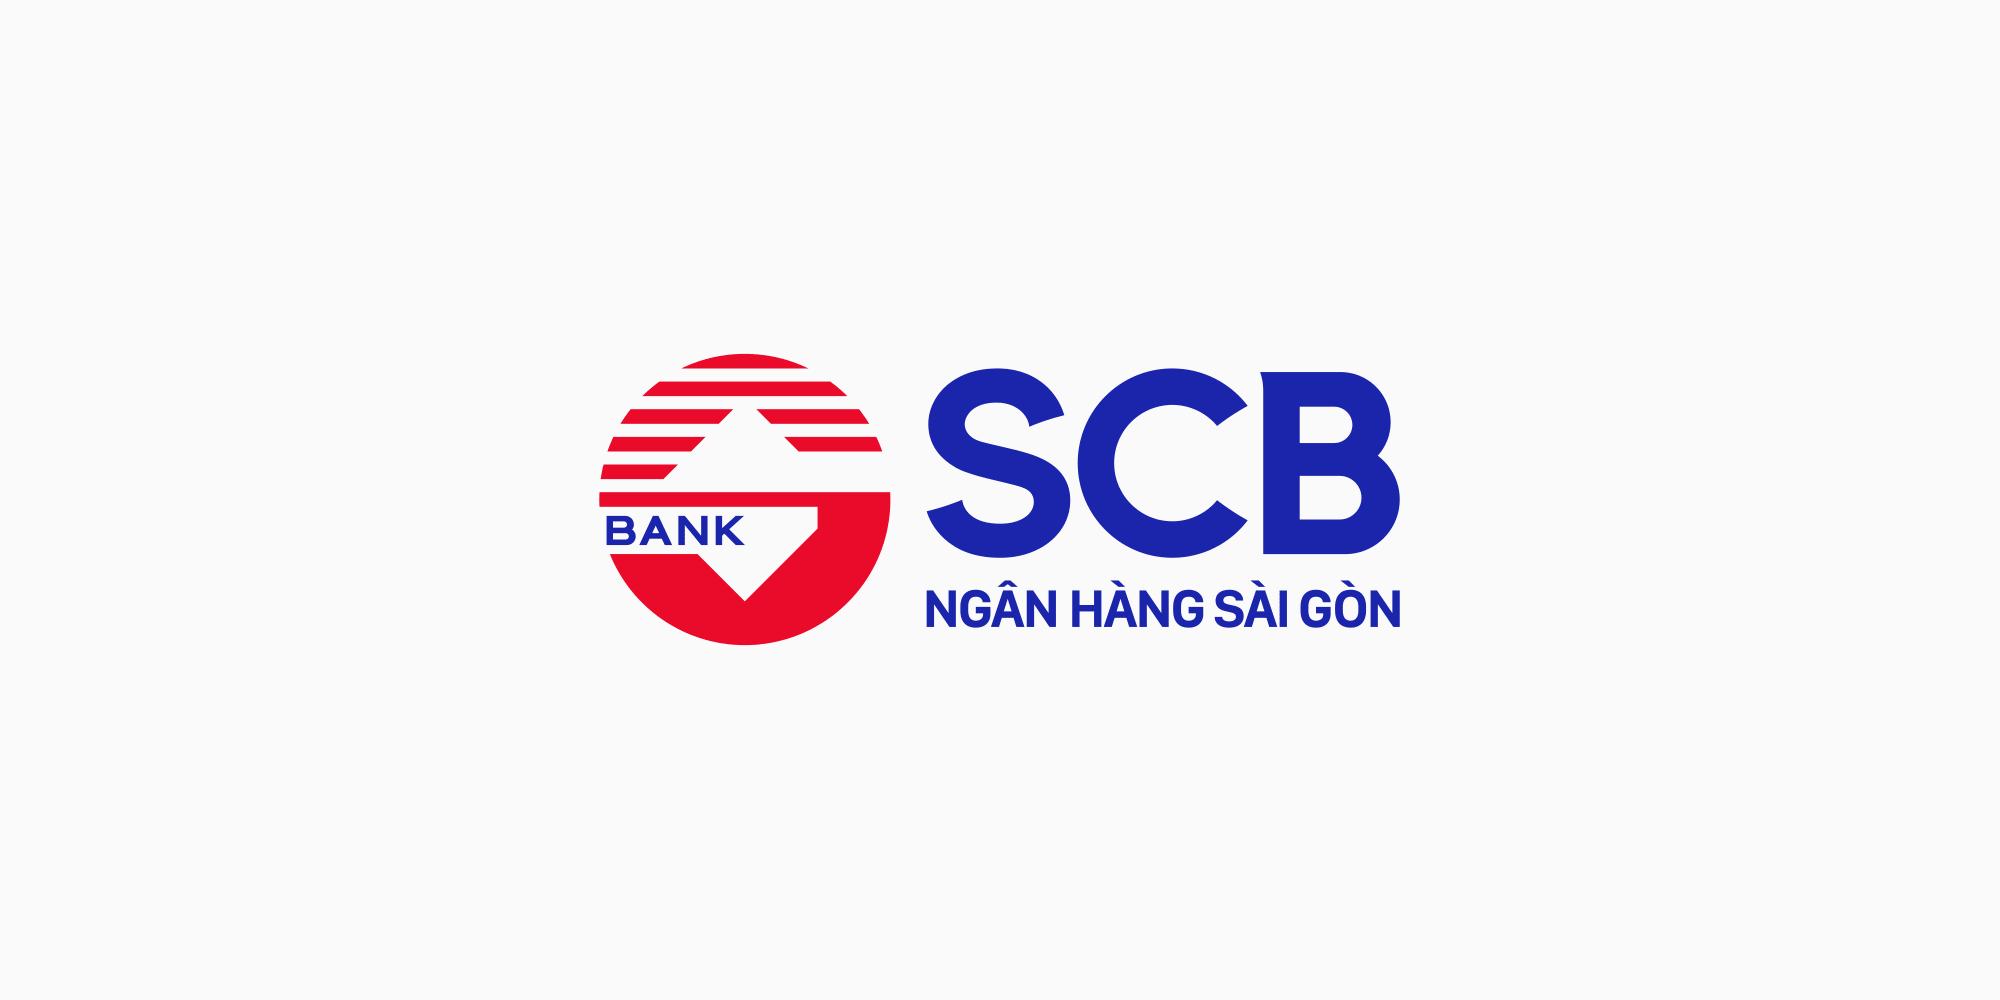 Ý nghĩa logo ngân hàng SCB là gì? - Thông tin các ngân hàng tại Việt Nam